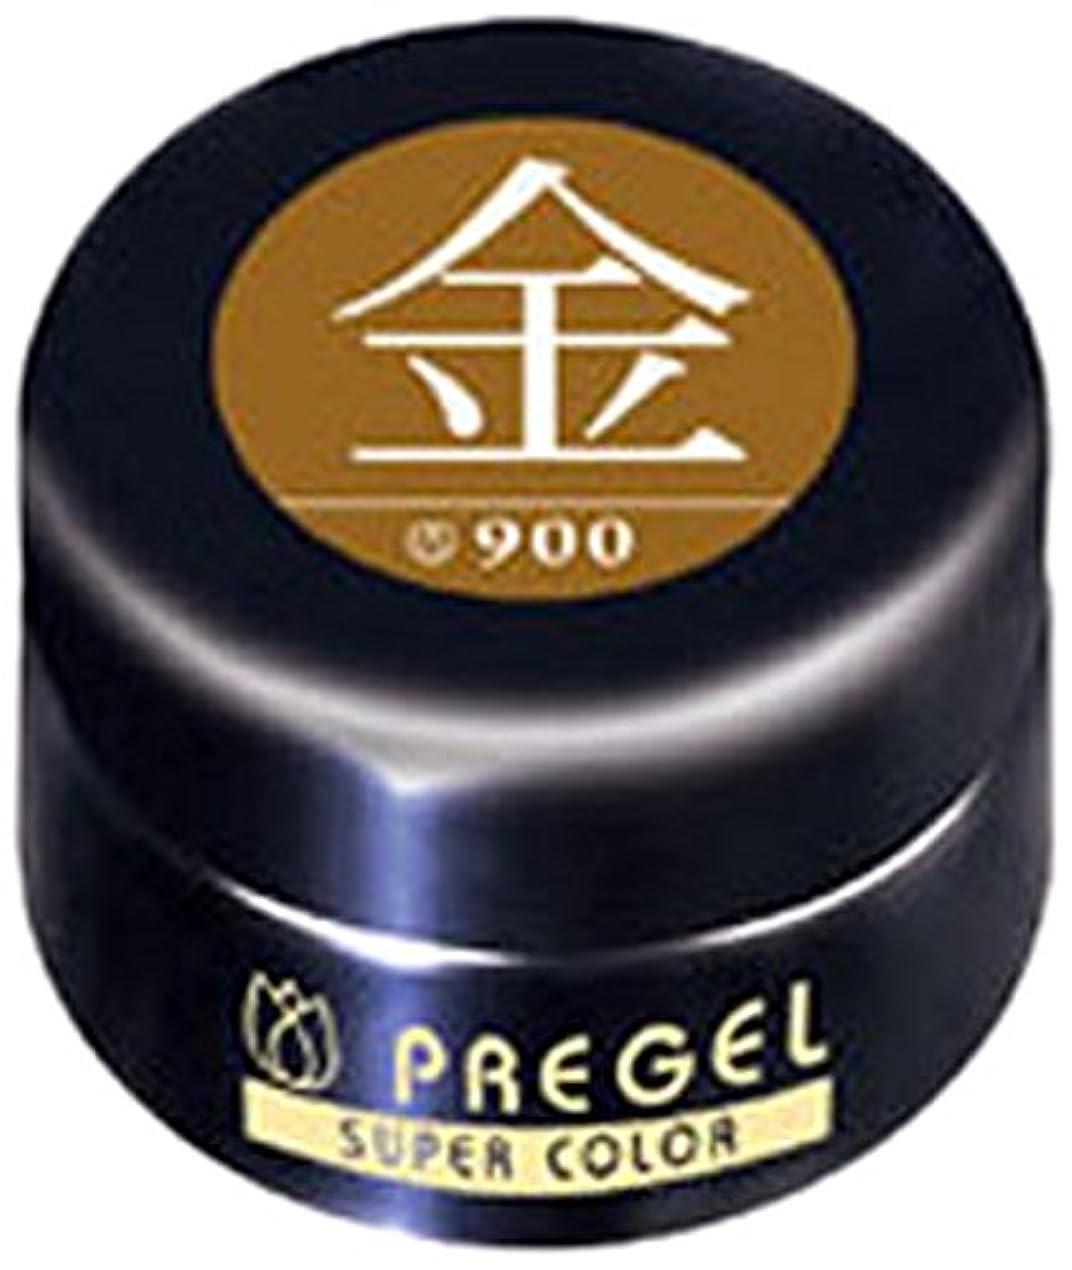 プリジェル ジェルネイル スーパーカラーEX 金 4g PG-SE900 カラージェル UV/LED対応